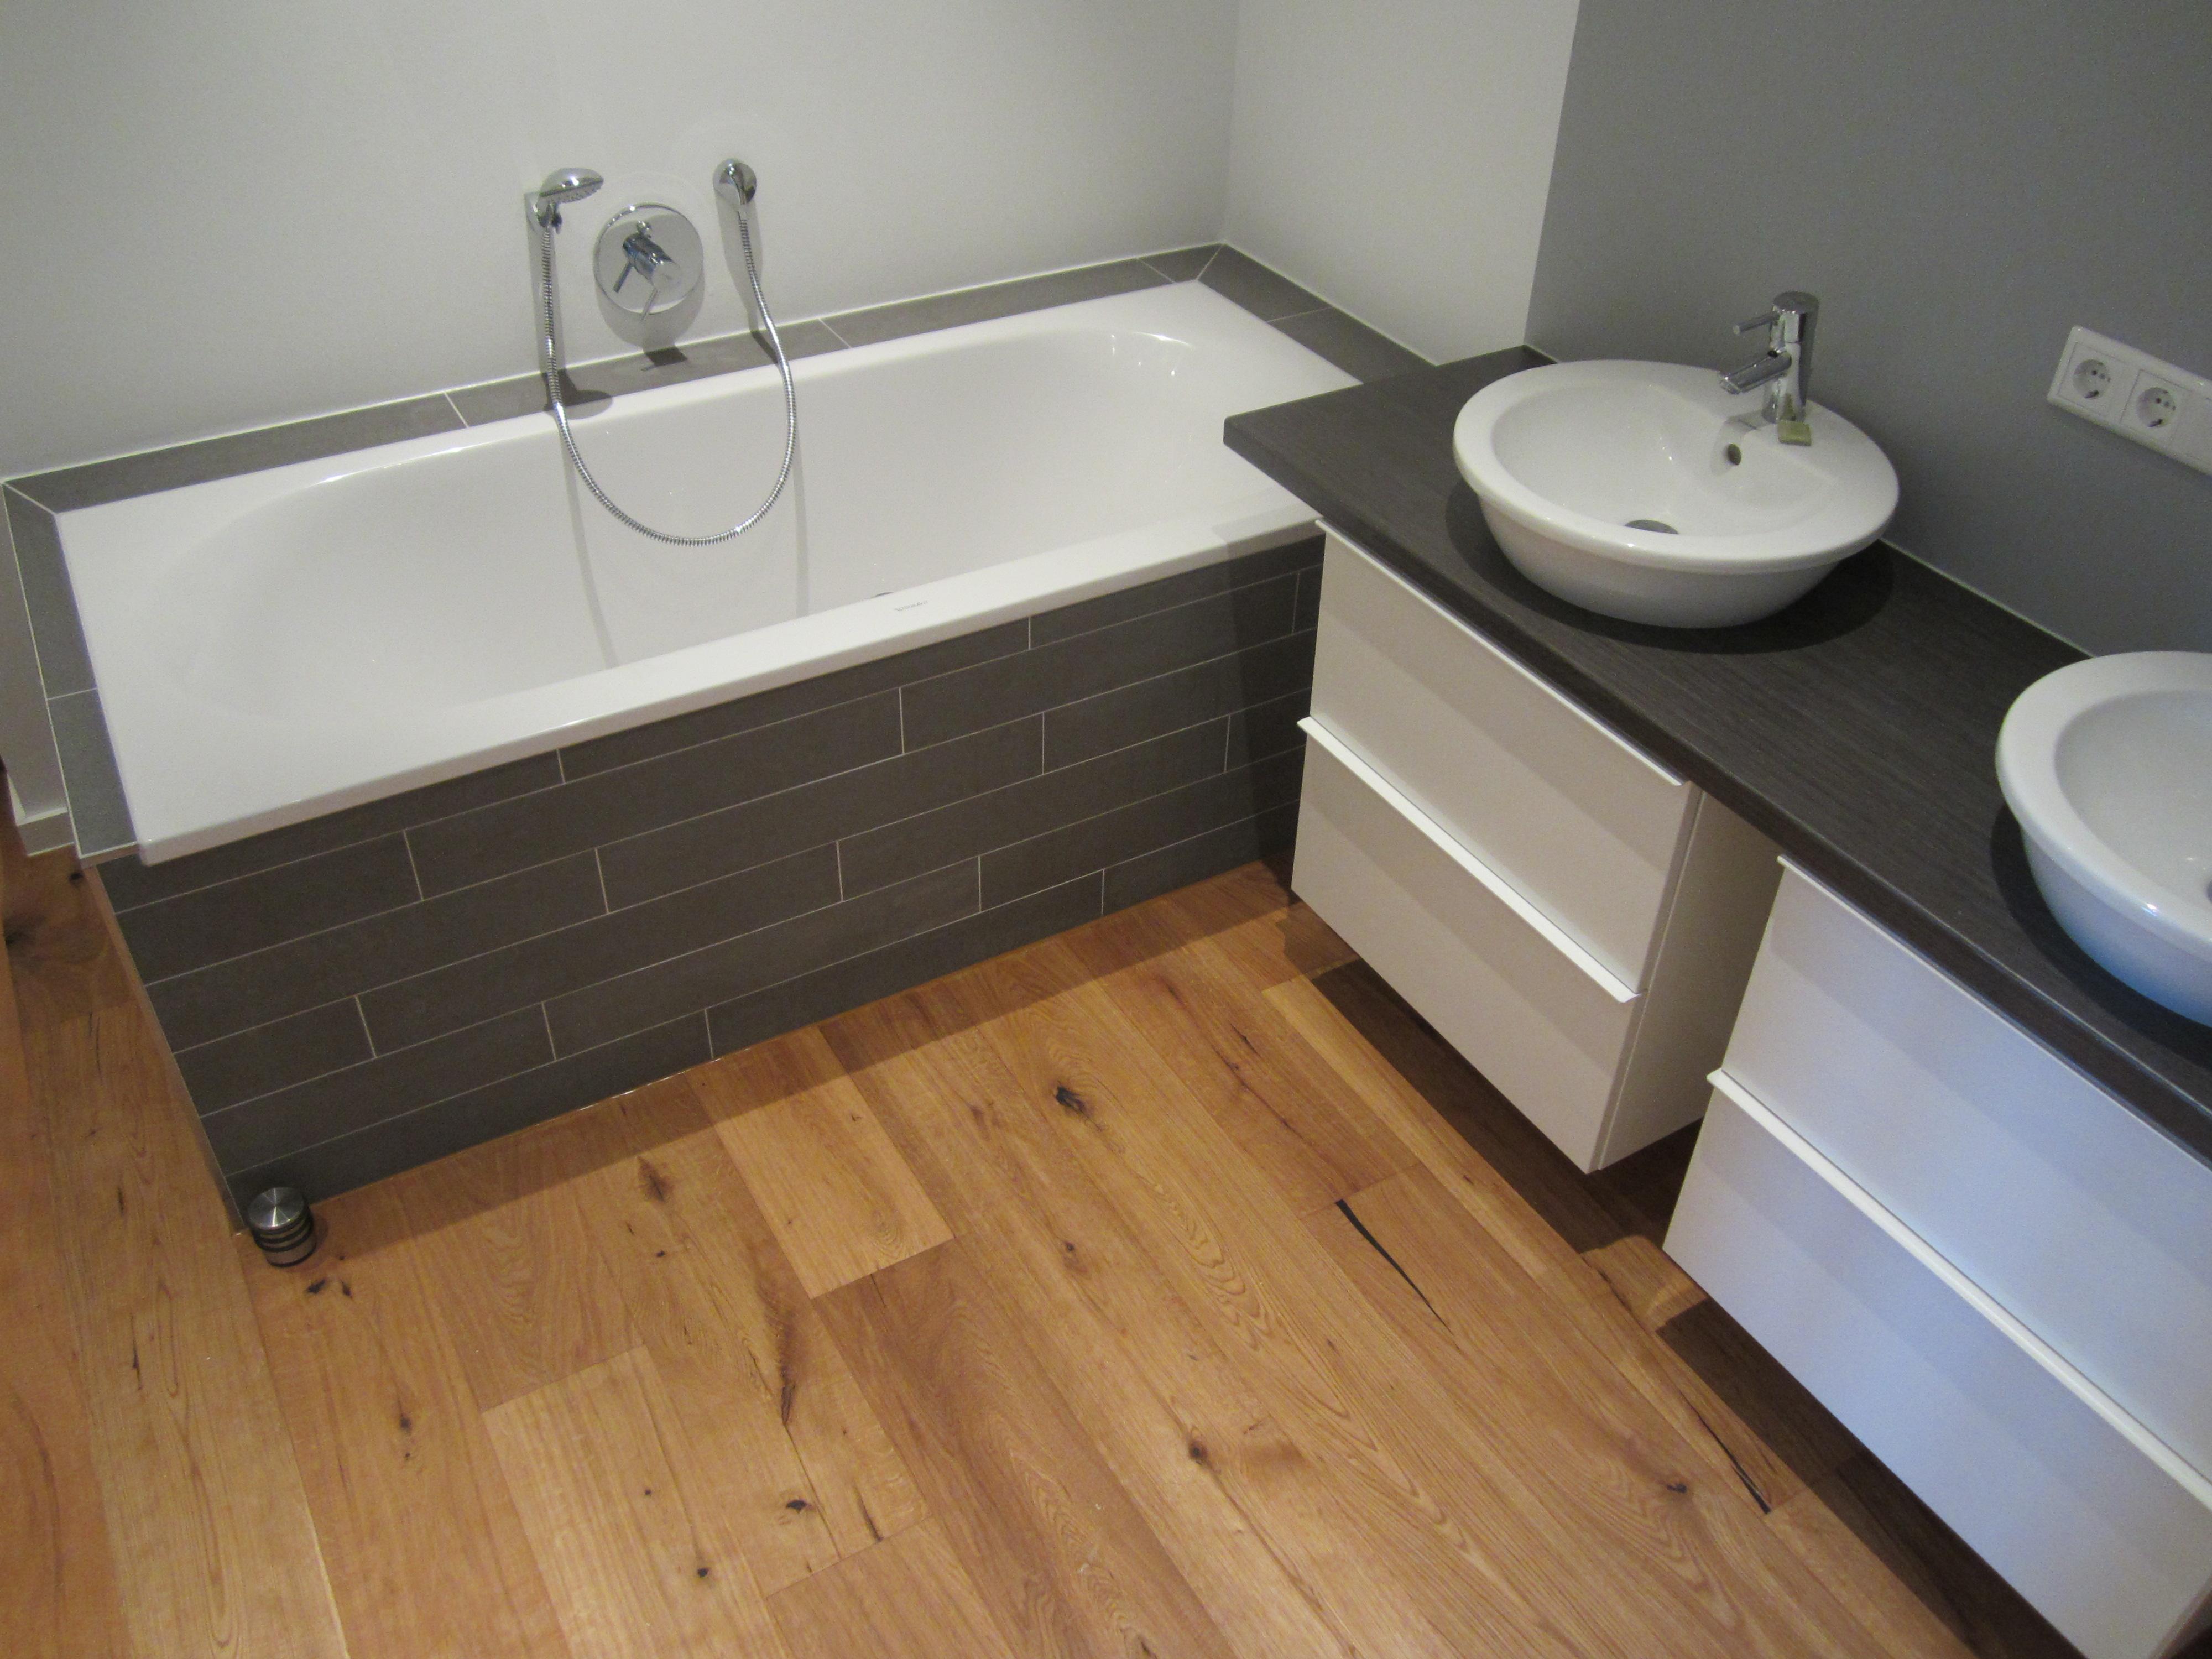 Badezimmer Schiebetür Bilder Ideen COUCHstyle - Parkett im badezimmer